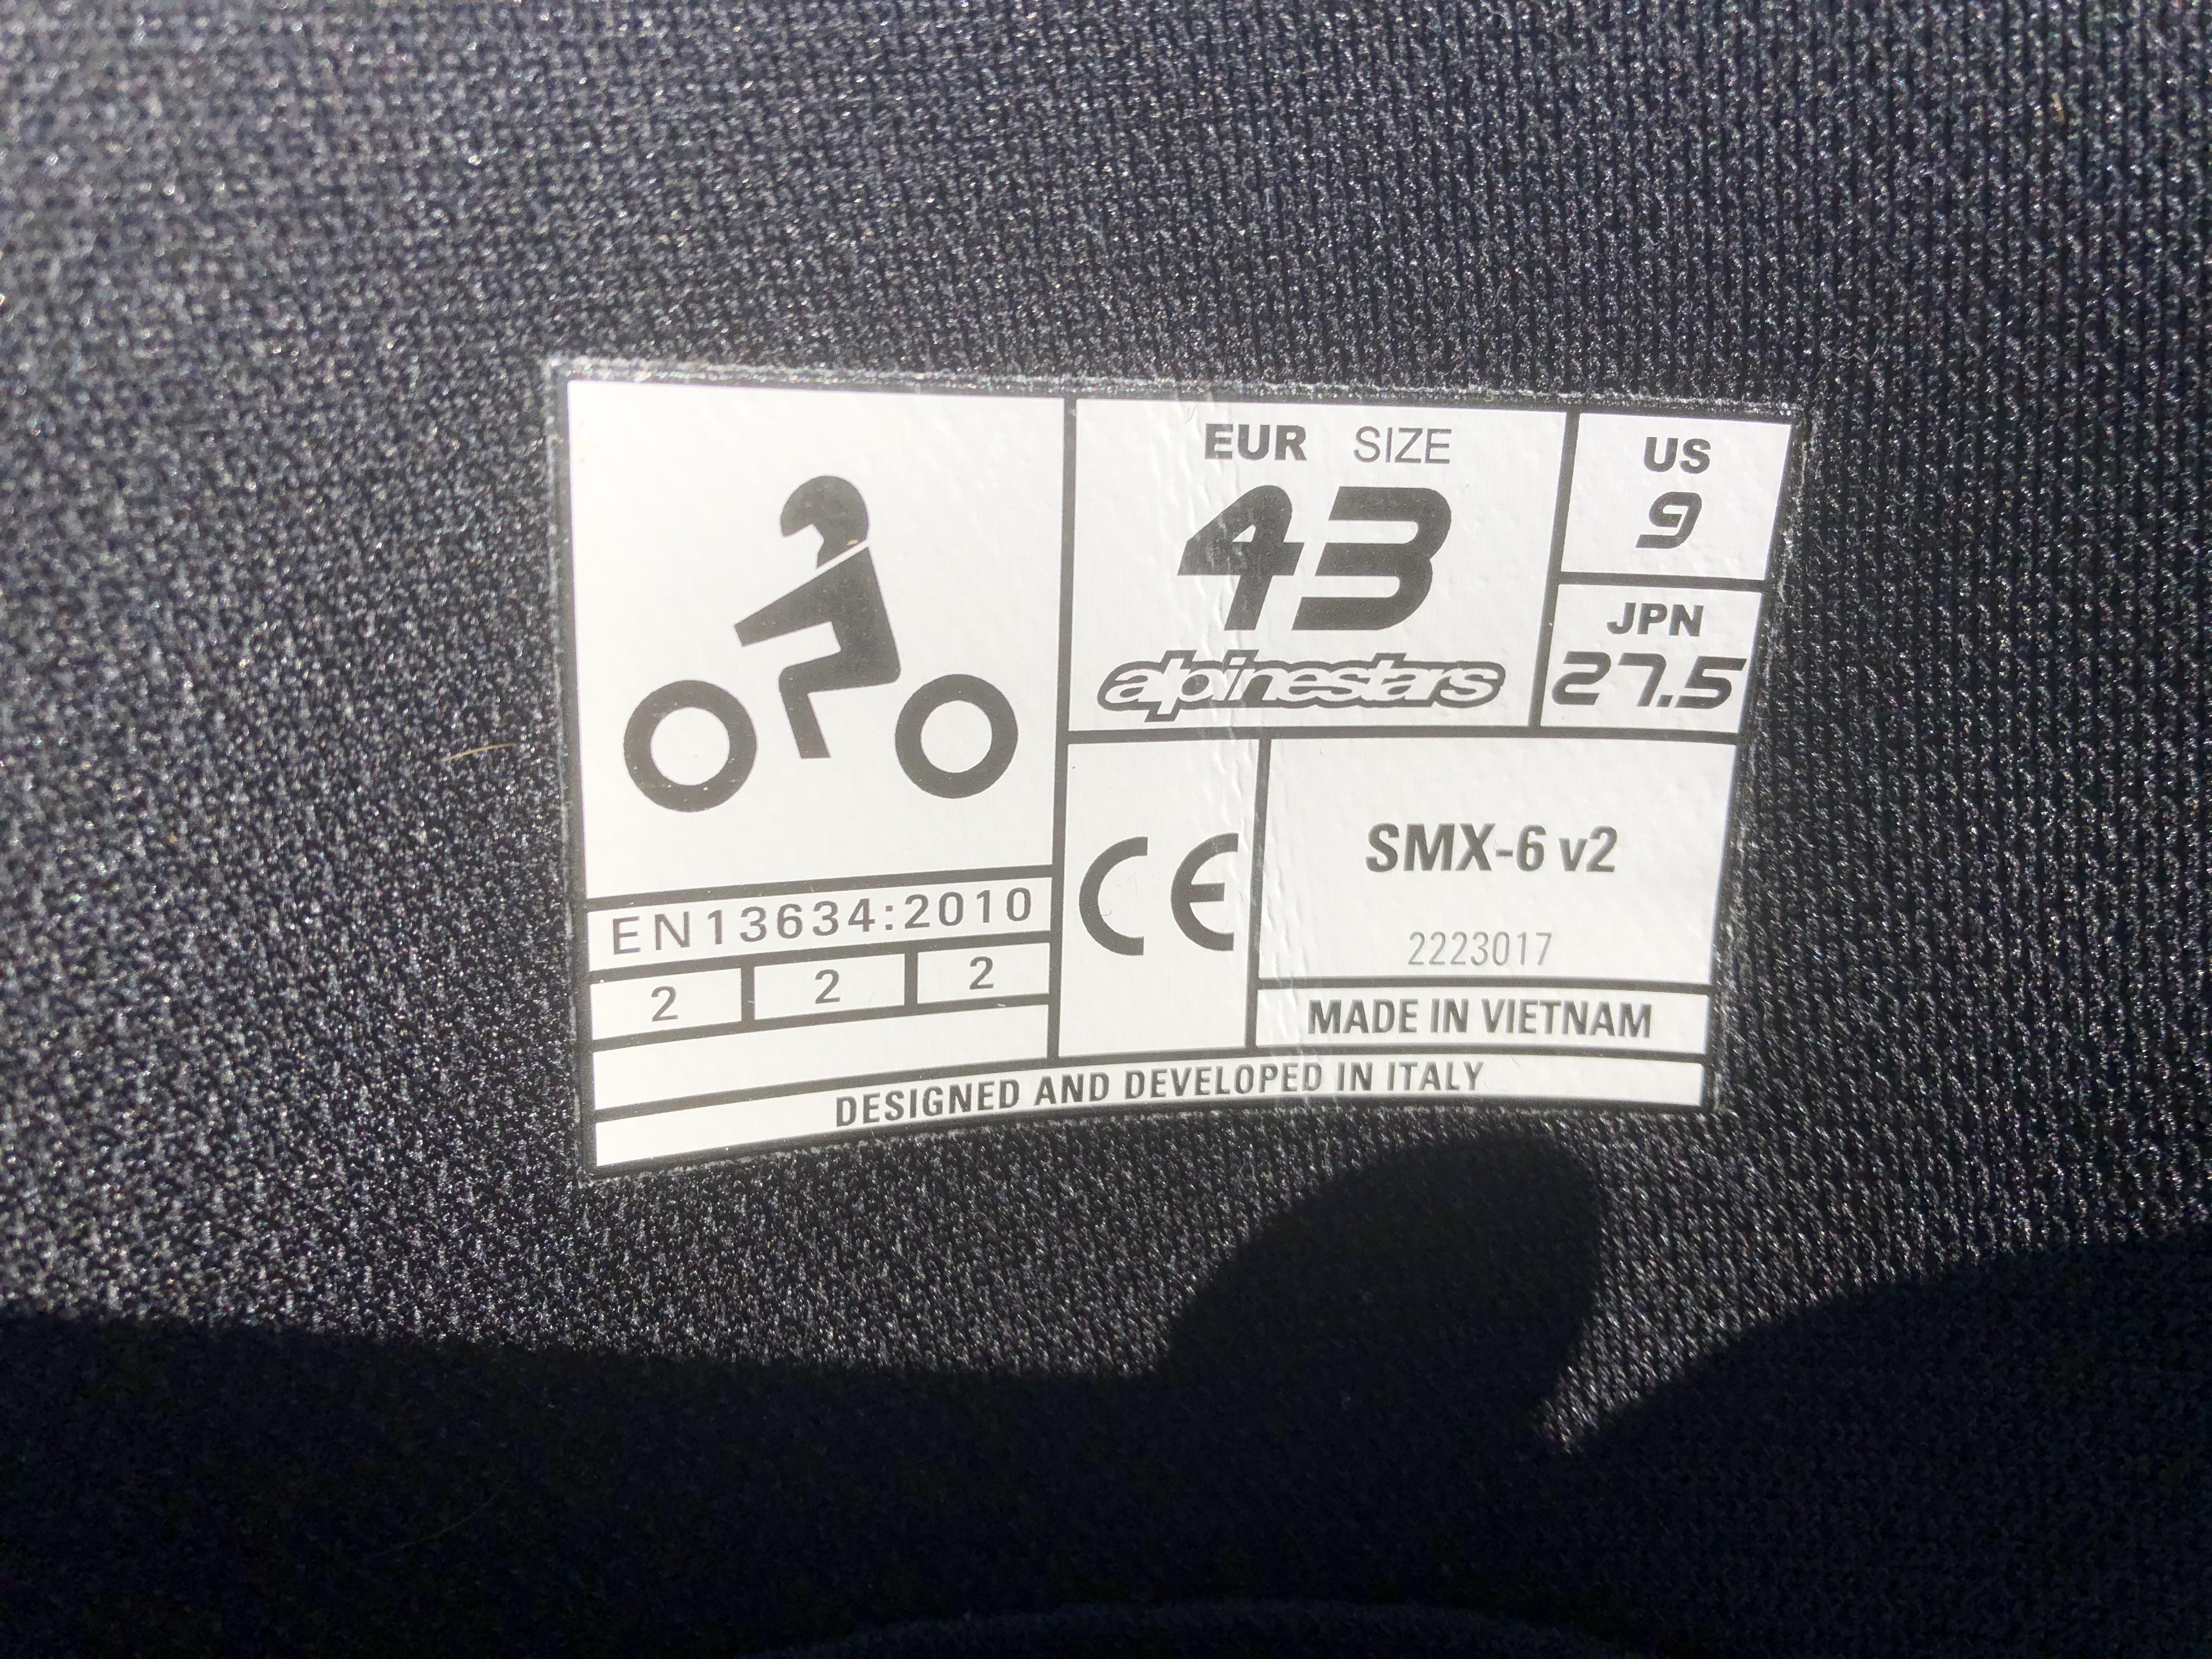 Les bottes Alpinestars SMX 6 V2 sont homologuées